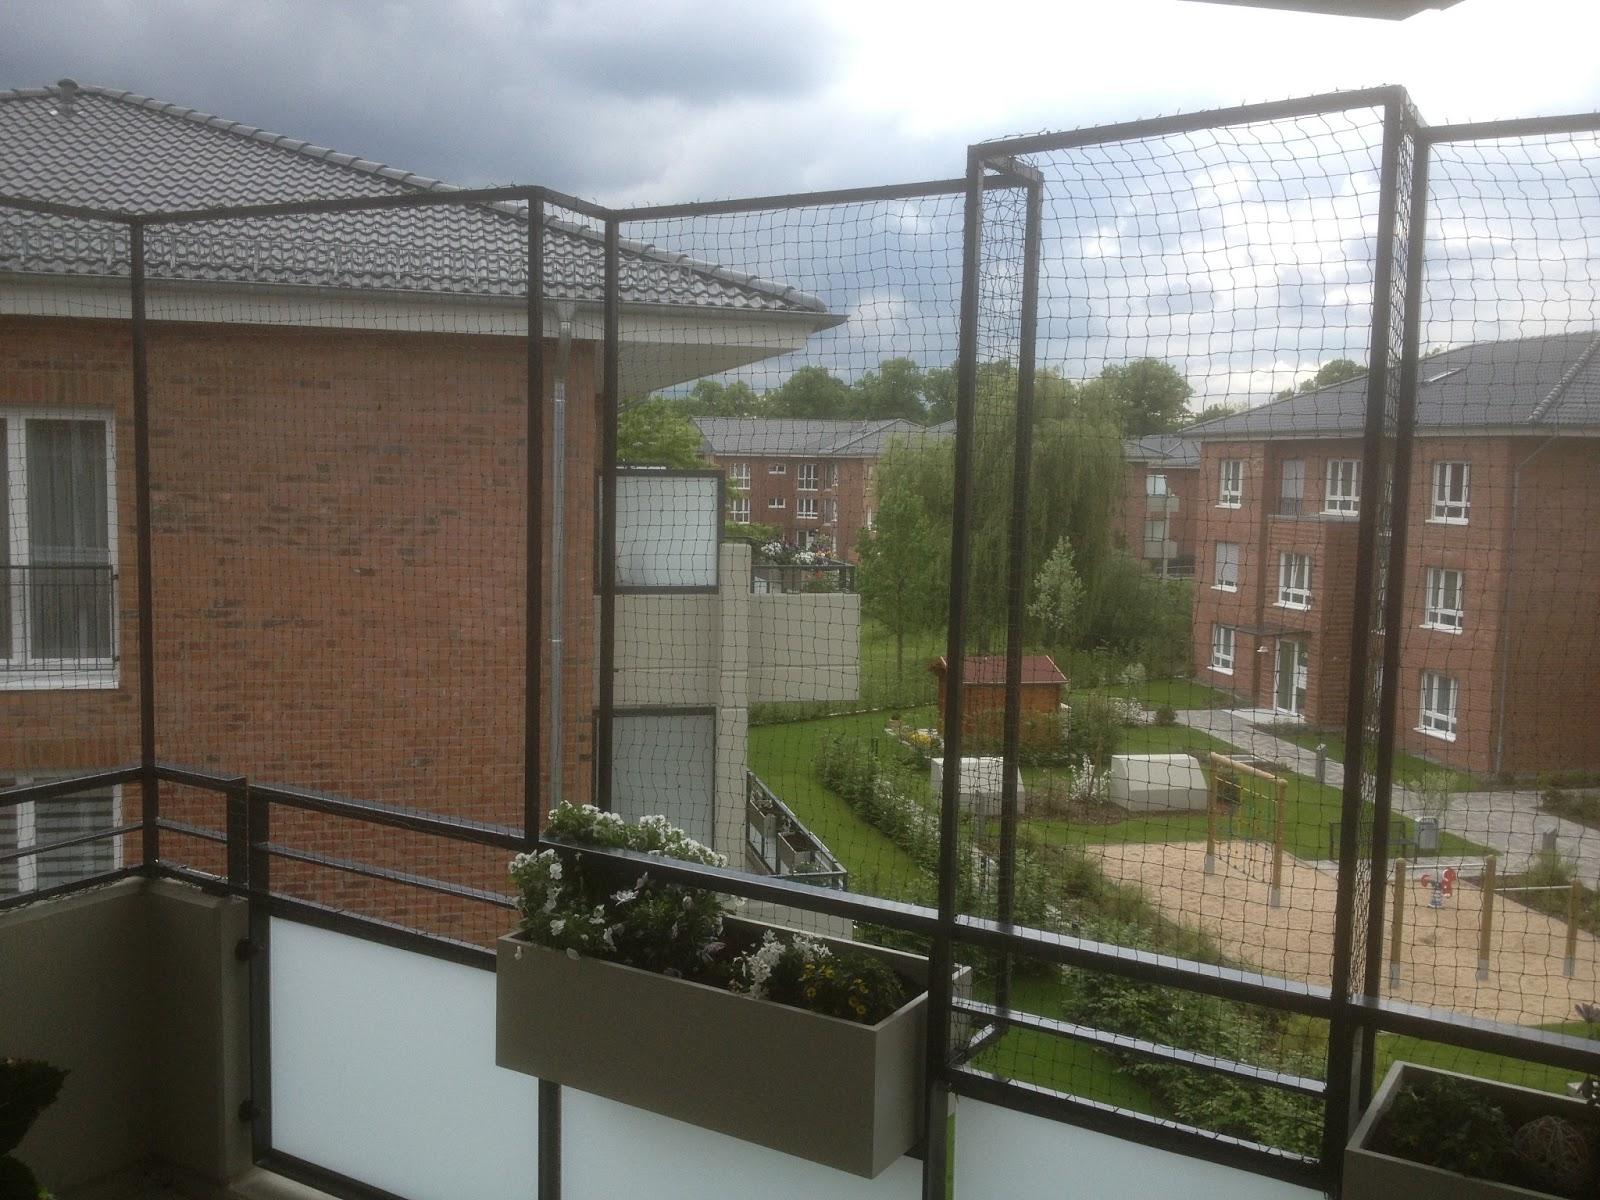 katzennetz nrw die adresse f r ein katzennetz katzennetz ohne bohren f r balkon in leverkusen. Black Bedroom Furniture Sets. Home Design Ideas